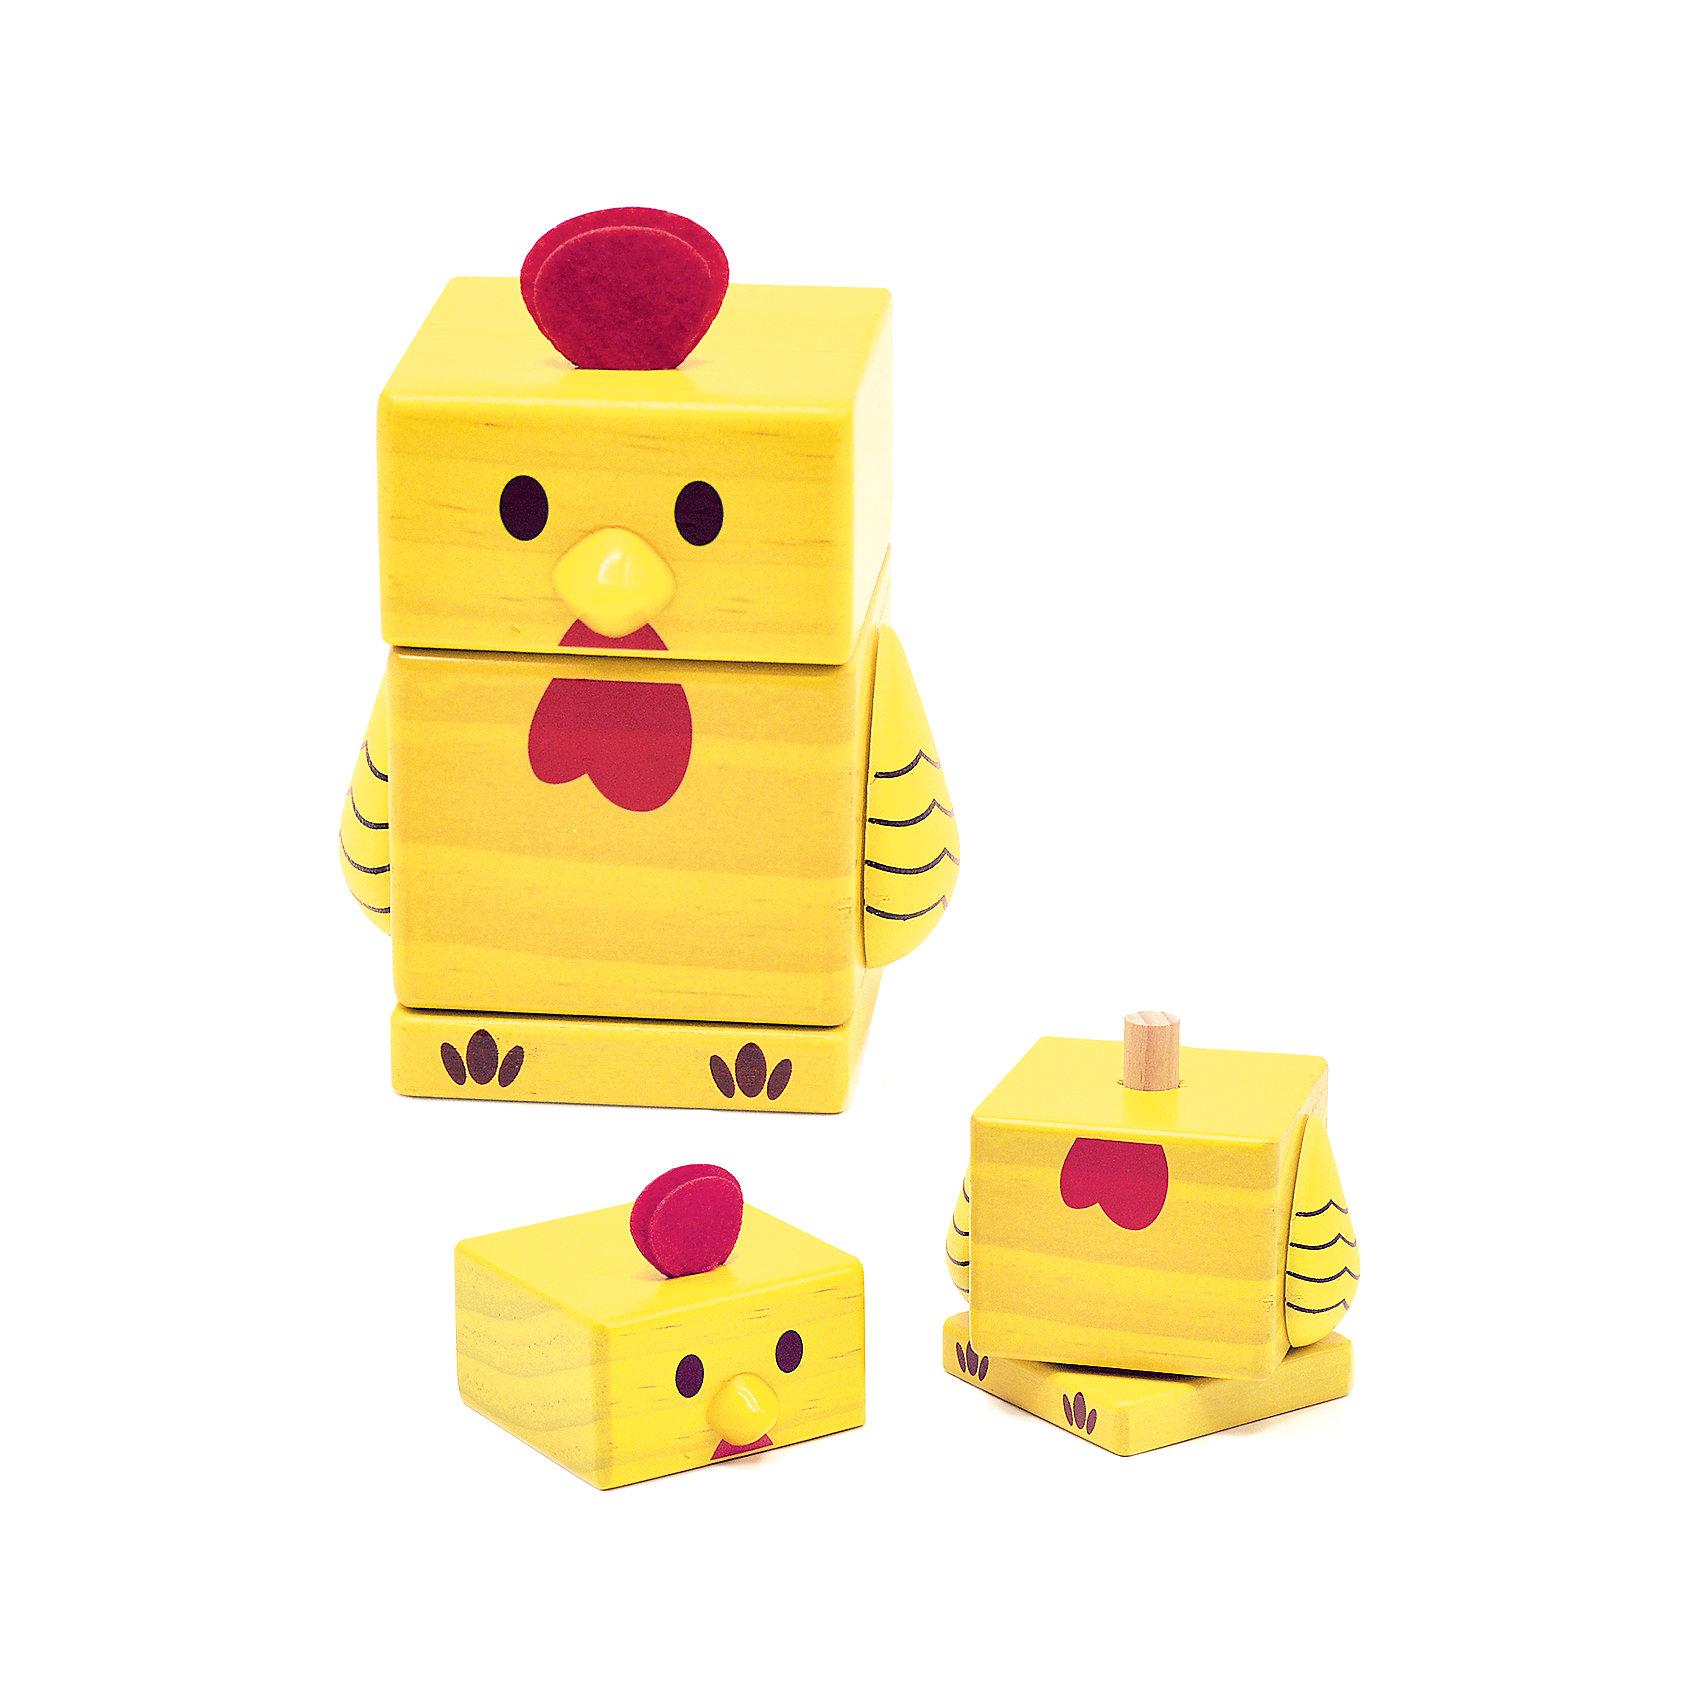 Пирамидка Цыпленок, Мир деревянных игрушекПирамидки<br>Пирамидка Цыпленок – яркая красочная игрушка для вашего малыша.<br>Данная модель состоит из двух частей и основания. Ярко-желтый цыпленок изготовлен из натуральной хорошо отшлифованной древесины, которая полностью безопасна для ребенка. Краска не стирается со временем, не тускнеет и не блекнет. Пирамидка легко нанизывается, поэтому не вызывает сложностей даже у самых маленьких.<br>Дополнительная информация:<br>- размер: 95х70х185<br>- вес: 200г<br>- материал: дерево <br>- возраст: от 3 лет<br><br>Пирамидку Цыпленок можно купить в нашем интернет-магазине.<br><br>Ширина мм: 95<br>Глубина мм: 70<br>Высота мм: 185<br>Вес г: 200<br>Возраст от месяцев: 36<br>Возраст до месяцев: 2147483647<br>Пол: Унисекс<br>Возраст: Детский<br>SKU: 4895888